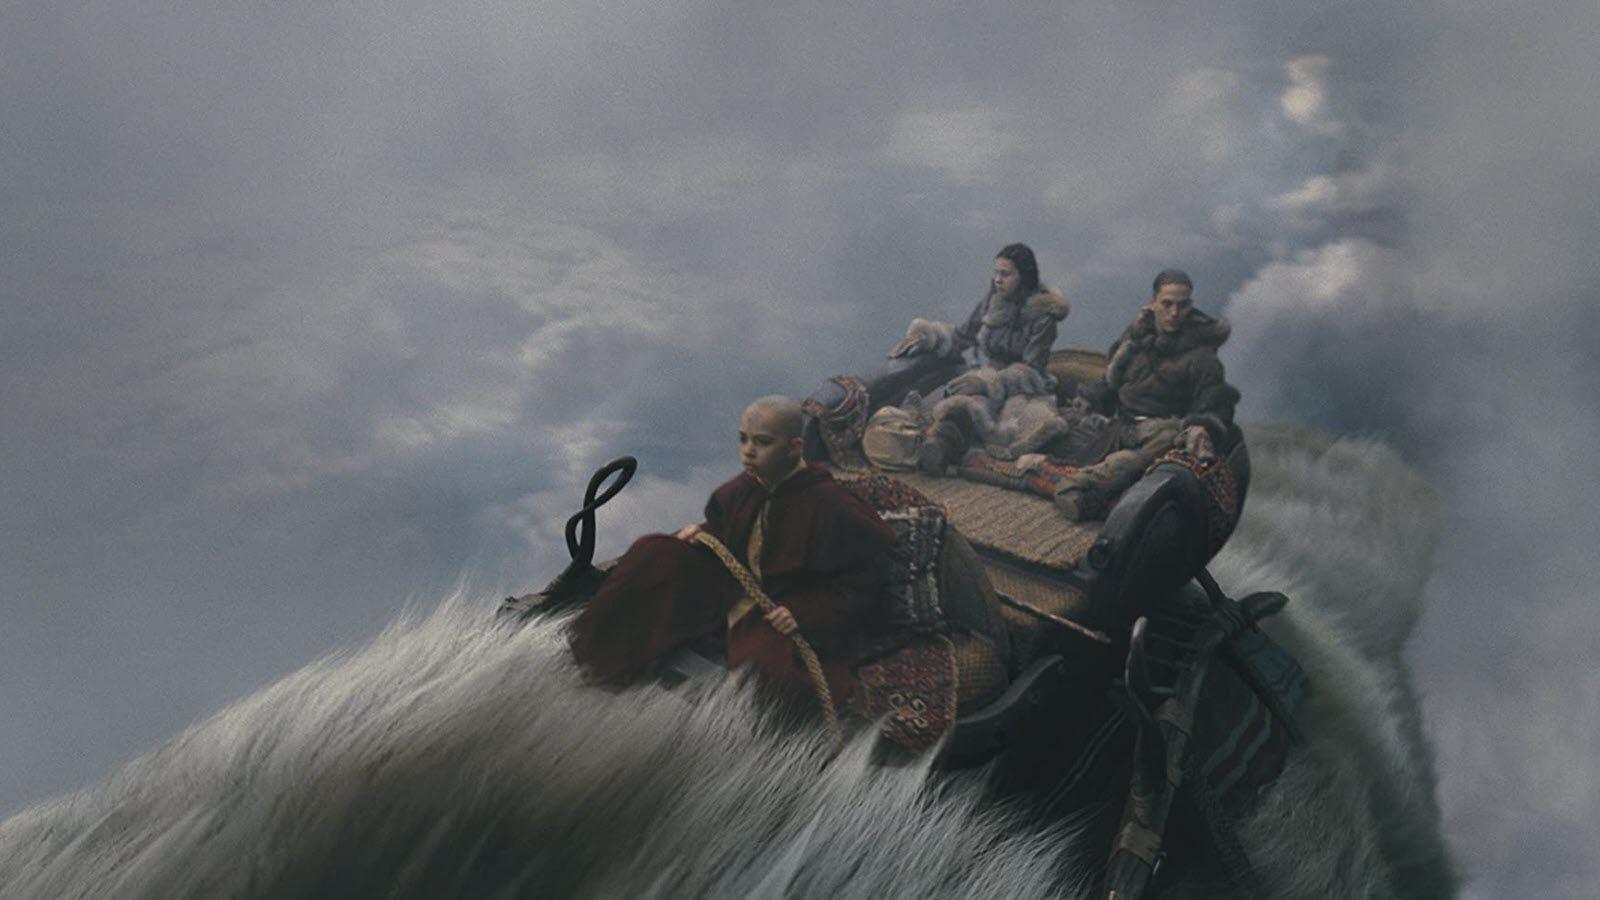 Katara, Aang, and Sokka flying on Appa.